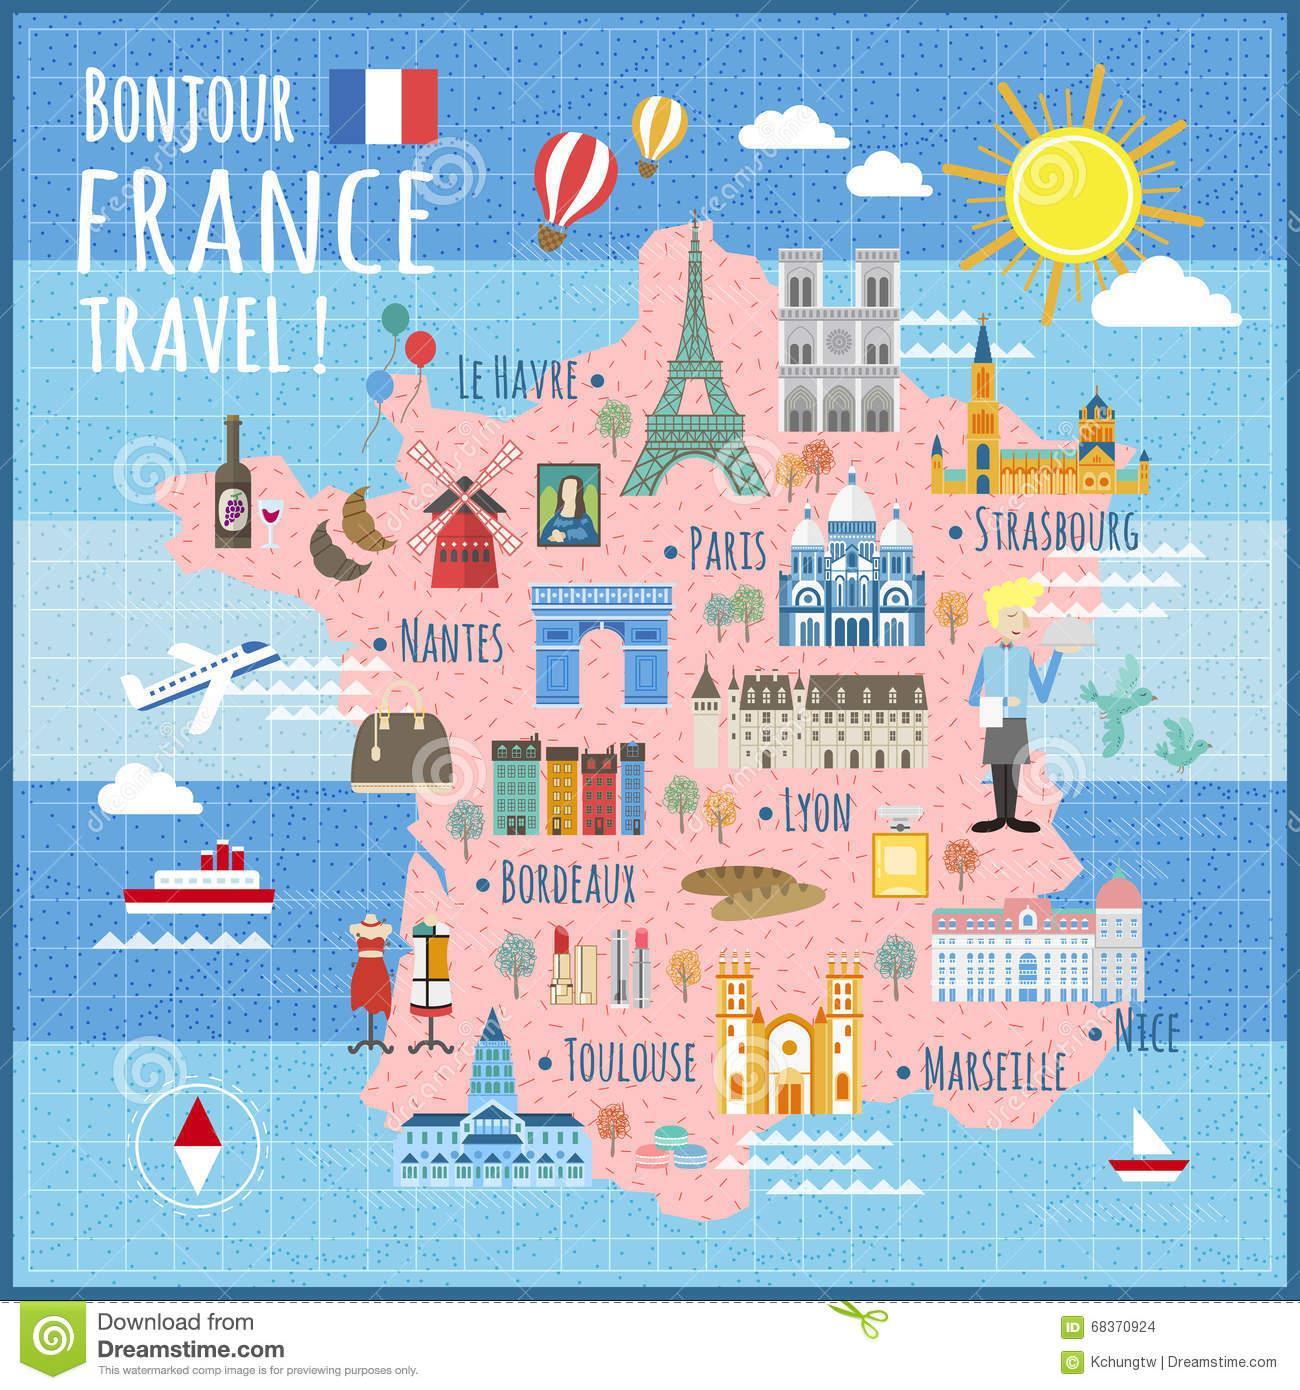 Paris Main Attractions In One Day: Frankrijk Attracties Kaart